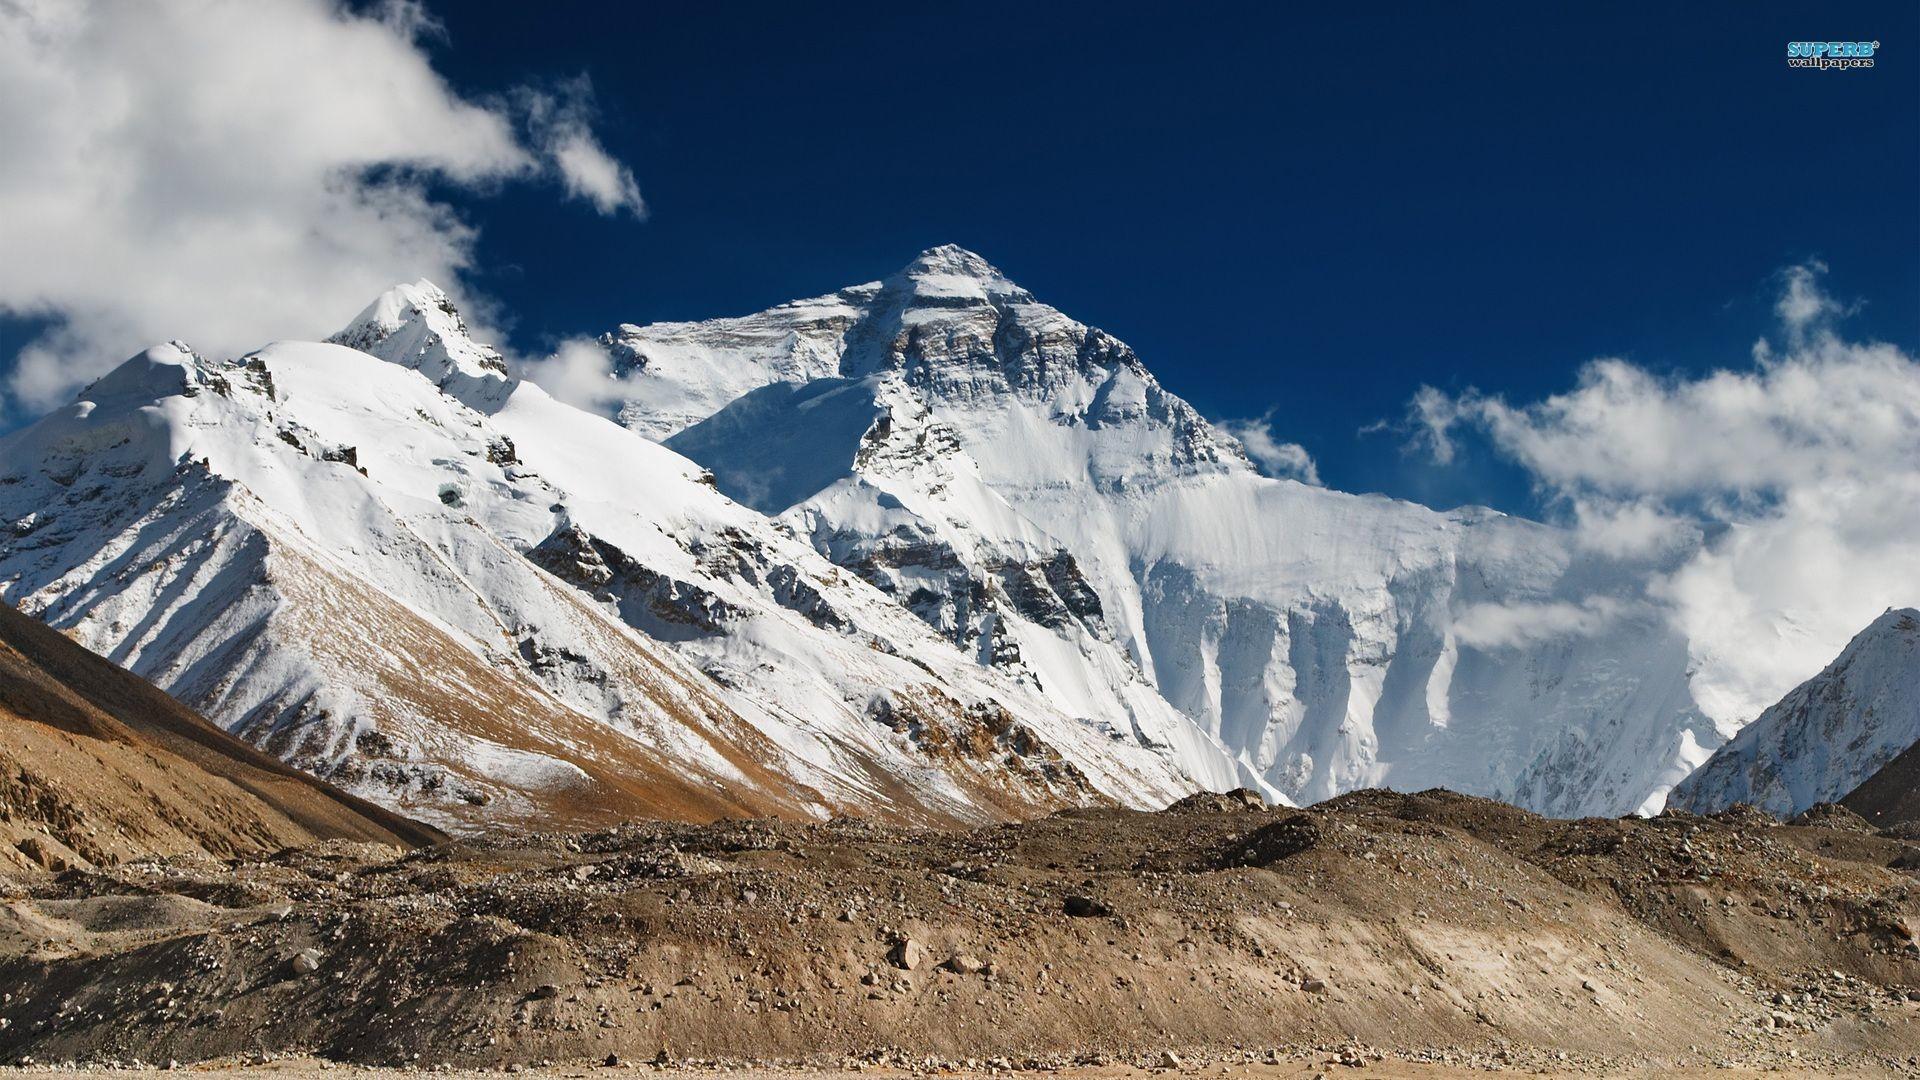 Wallpapers Himalaya Mount Everest Nature 1920×1080